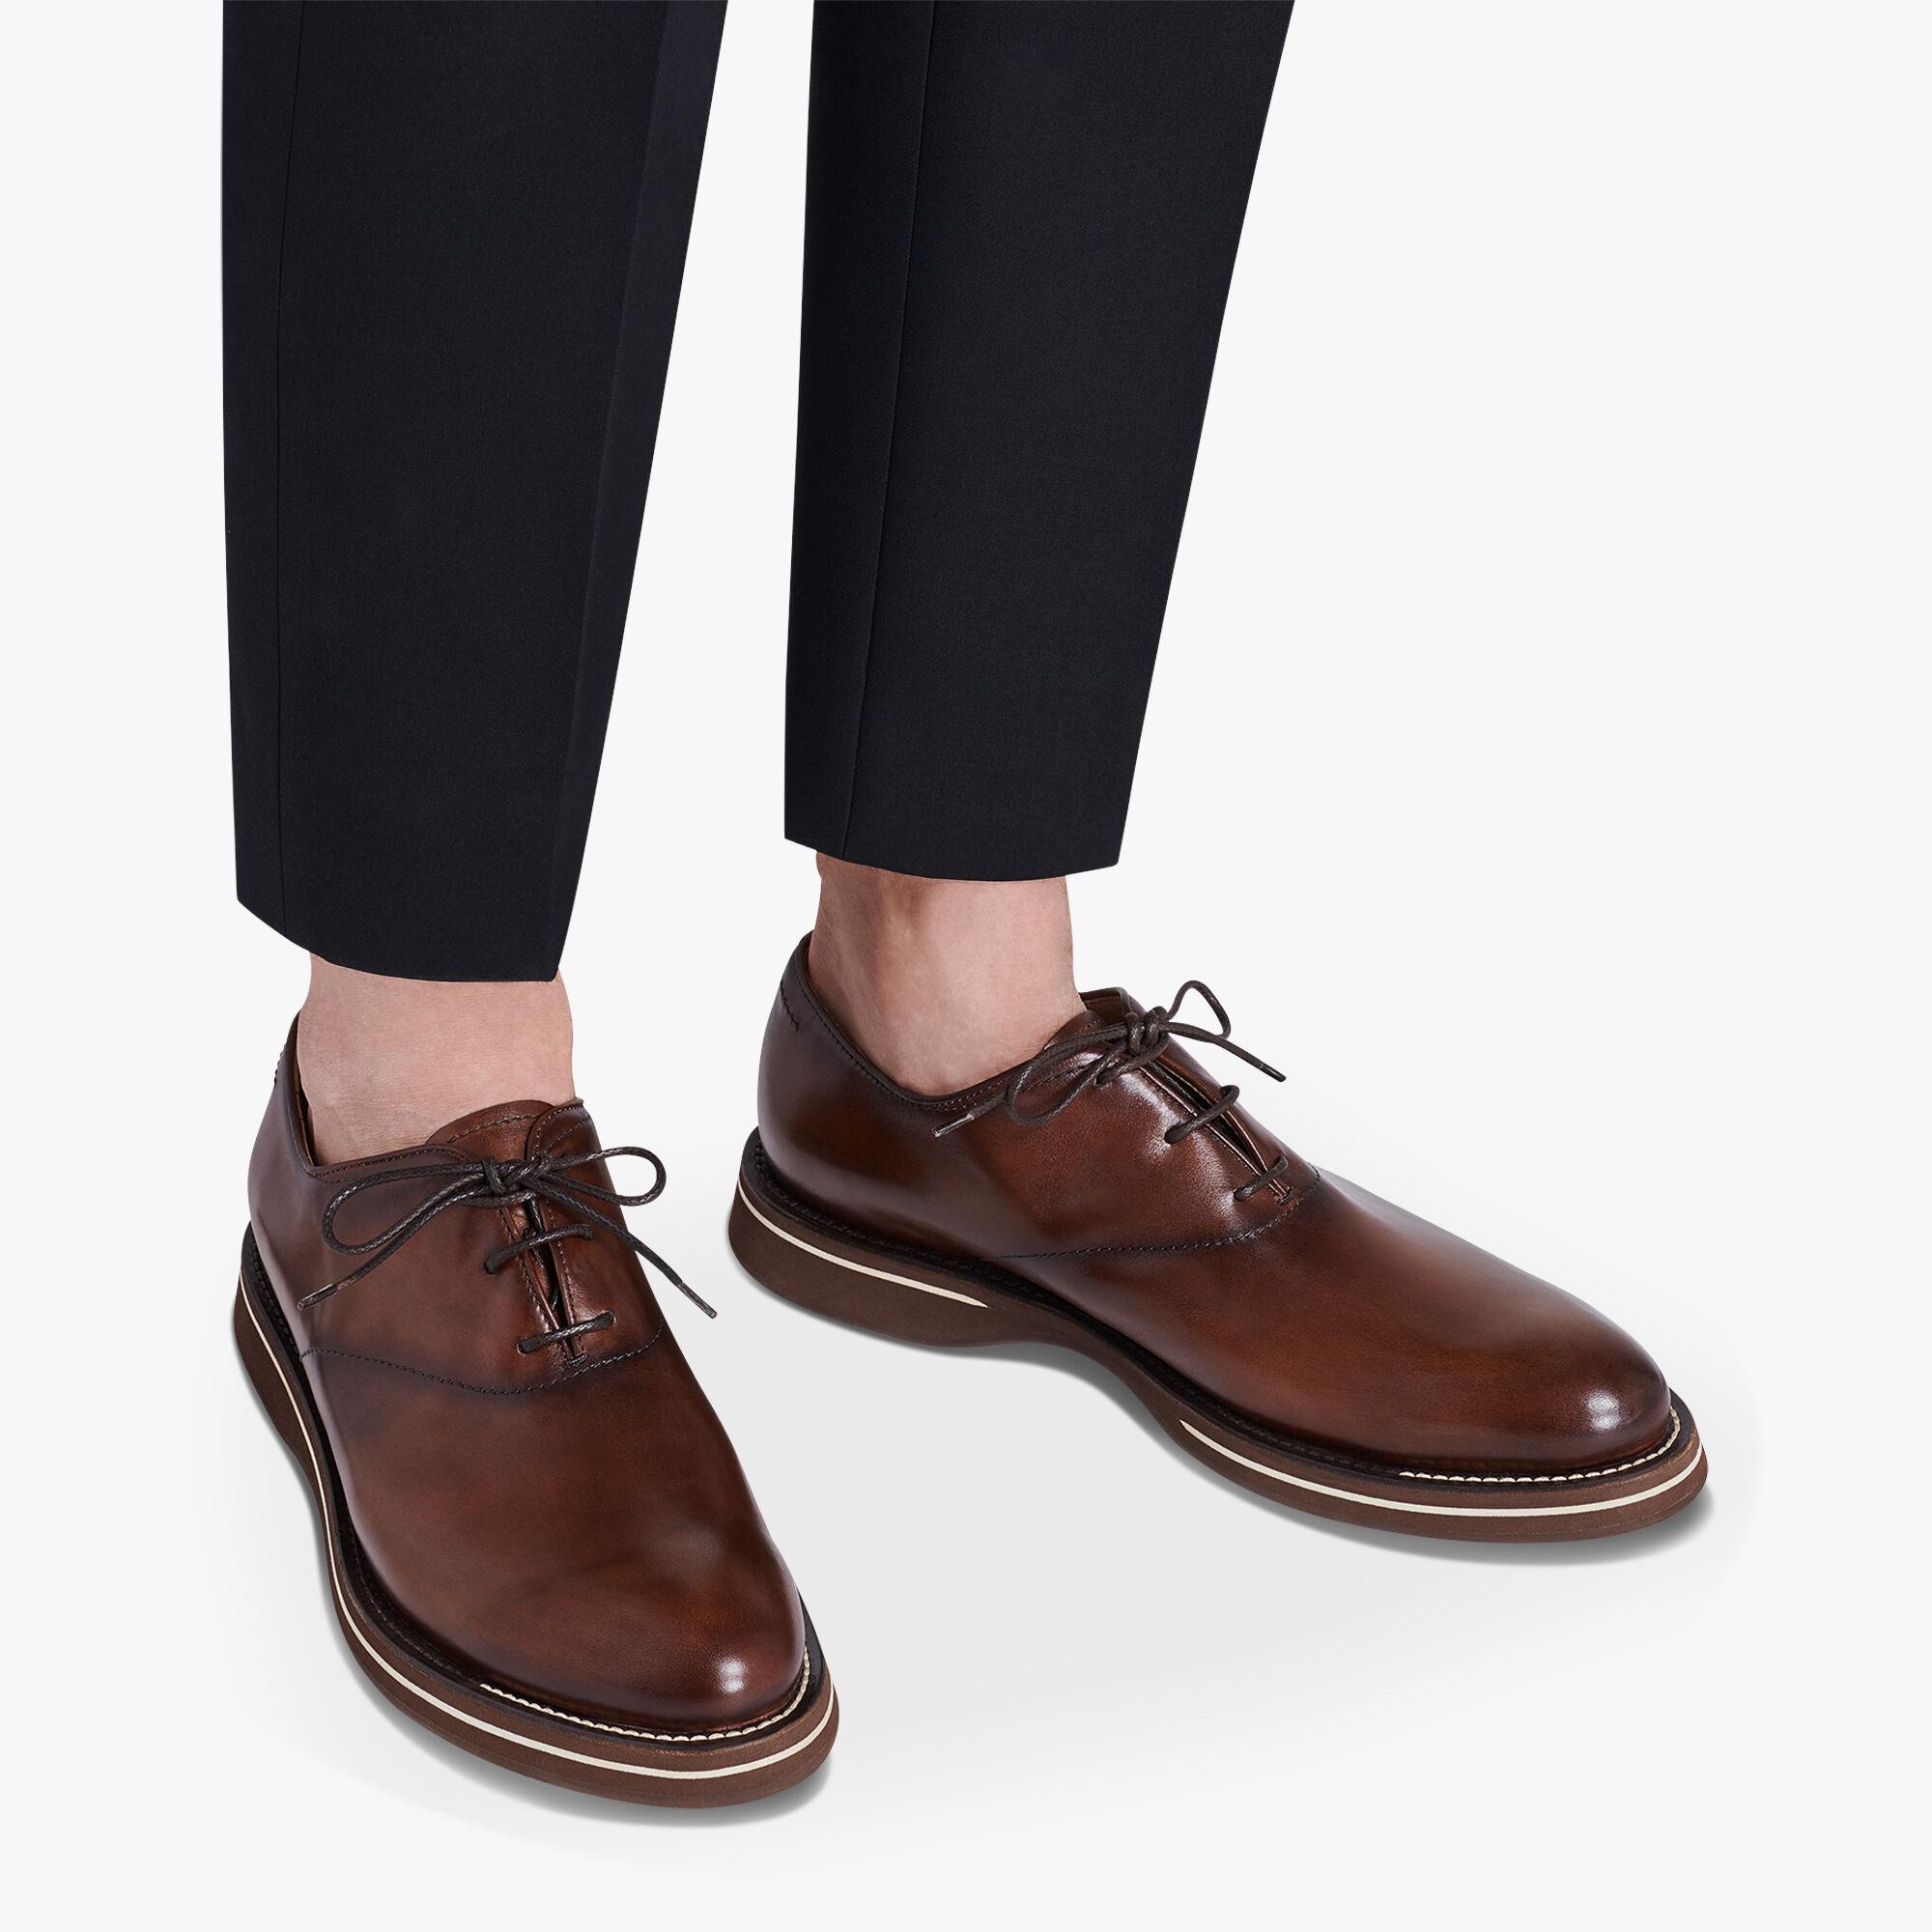 Alessio Leather Oxford - Berluti